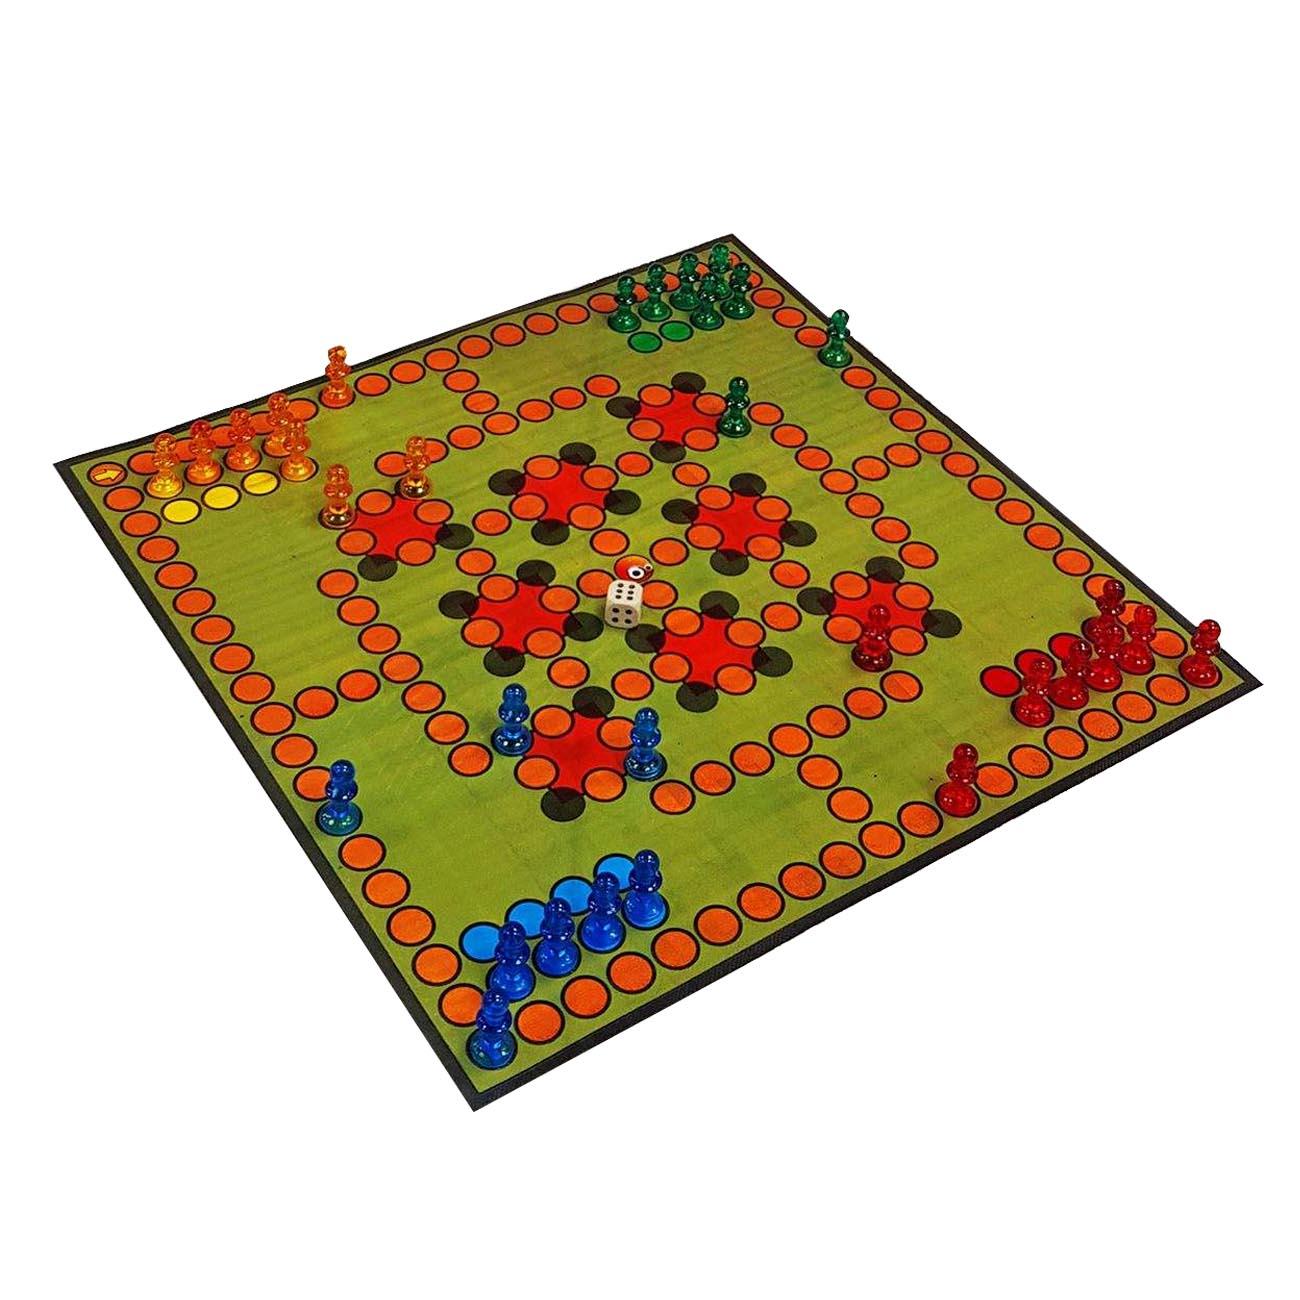 بازی فکری منچان مدل جزیره کد T002